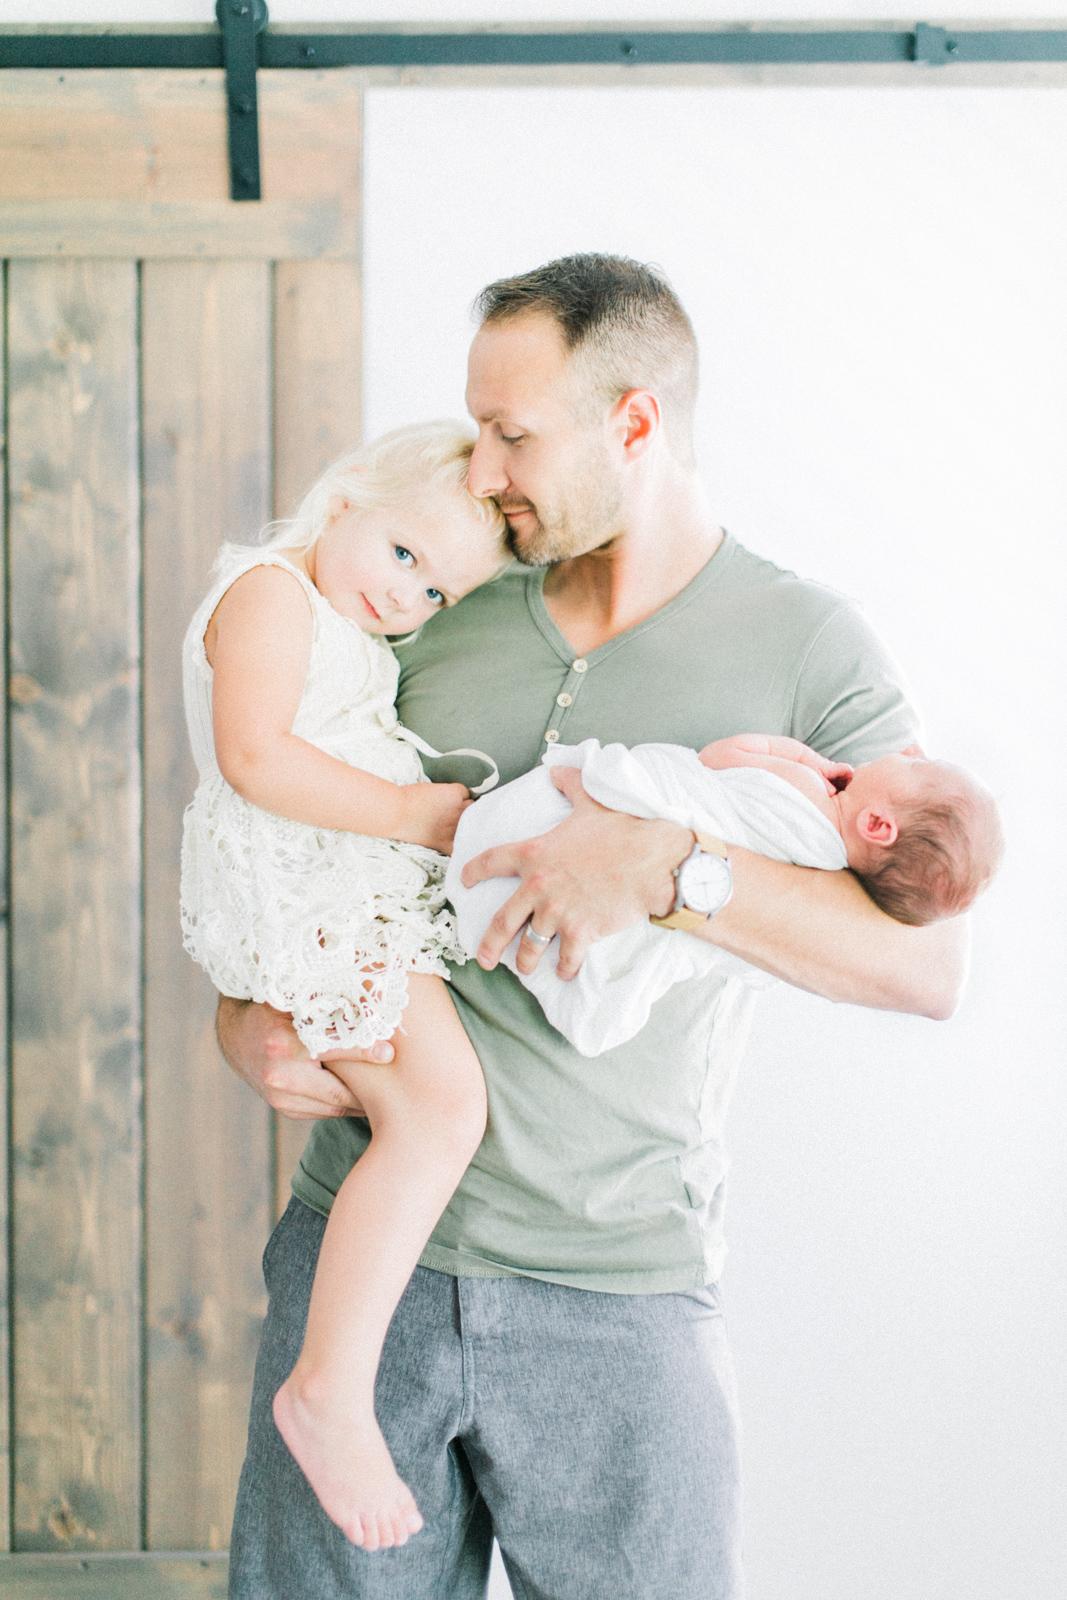 boise-newborn-photographer-18.jpg